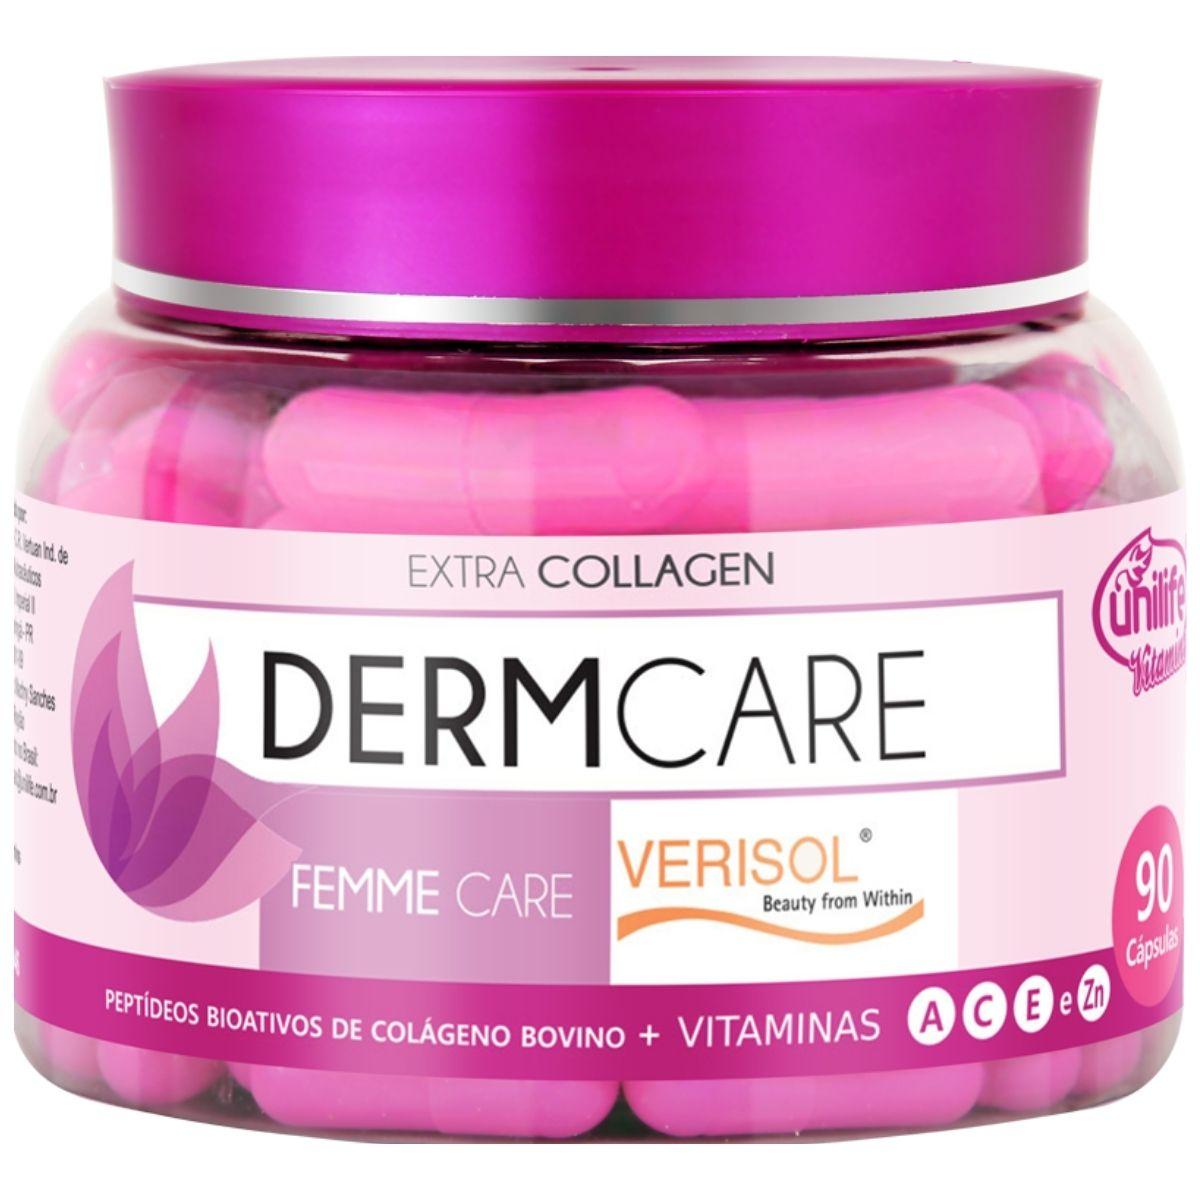 Colageno Hidrolisado Verisol Derm Care C/ Vitaminas 90 Cápsulas 630mg - Unilife